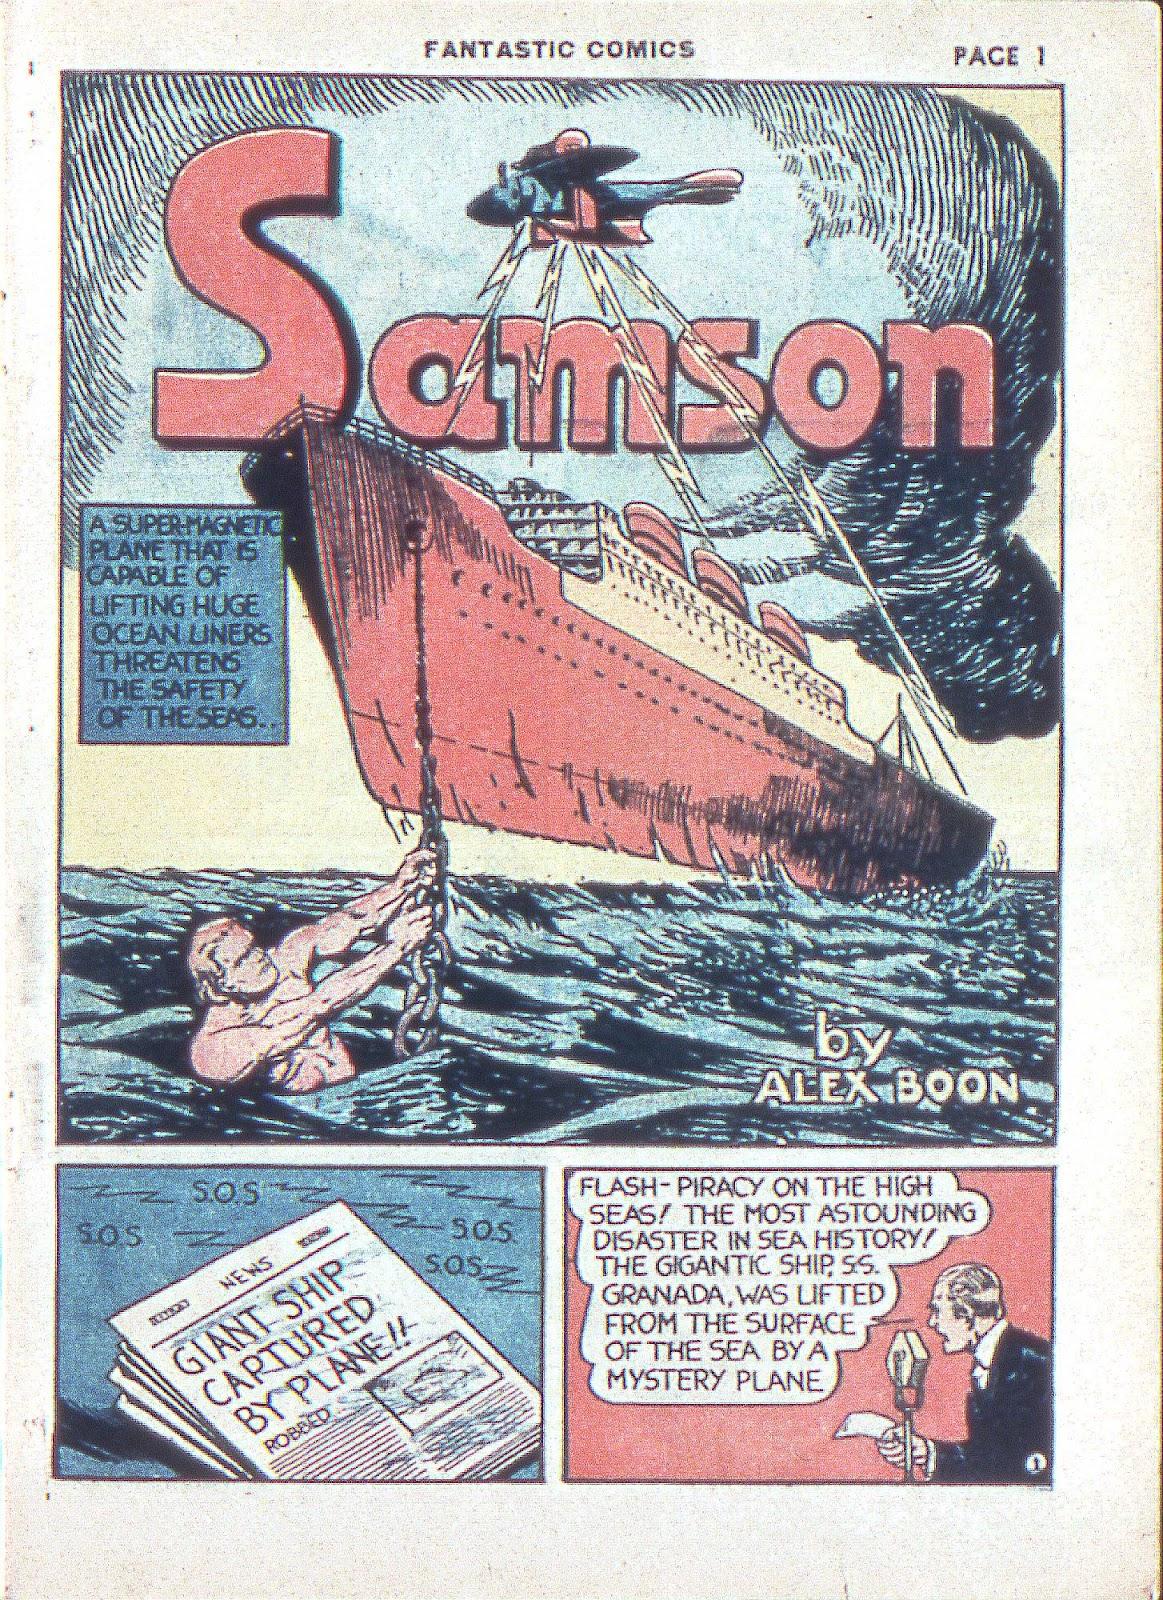 Read online Fantastic Comics comic -  Issue #3 - 4